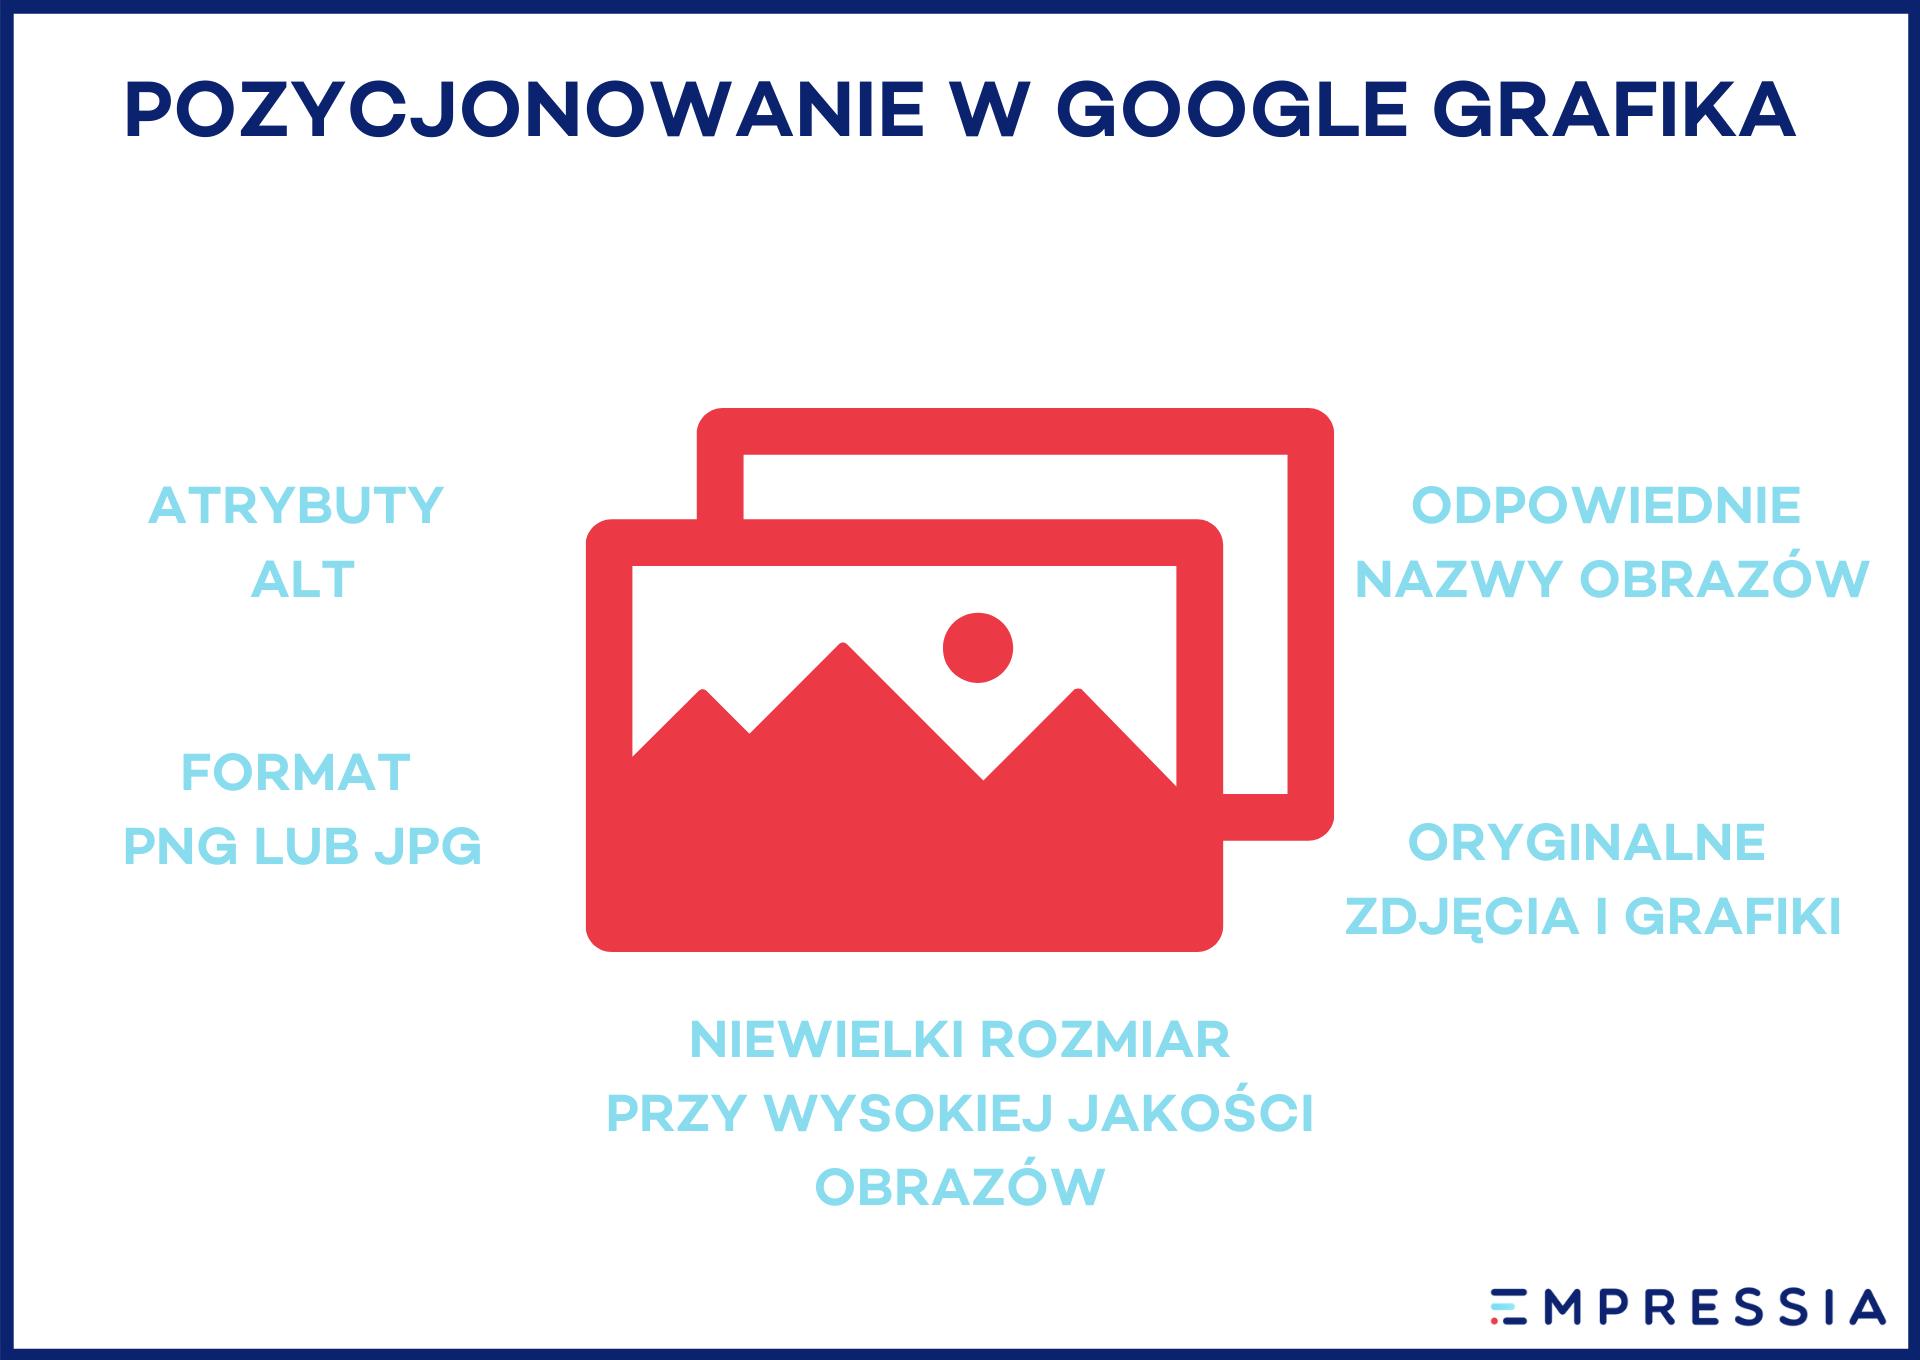 pozycjonowanie obrazów wGoogle Grafika